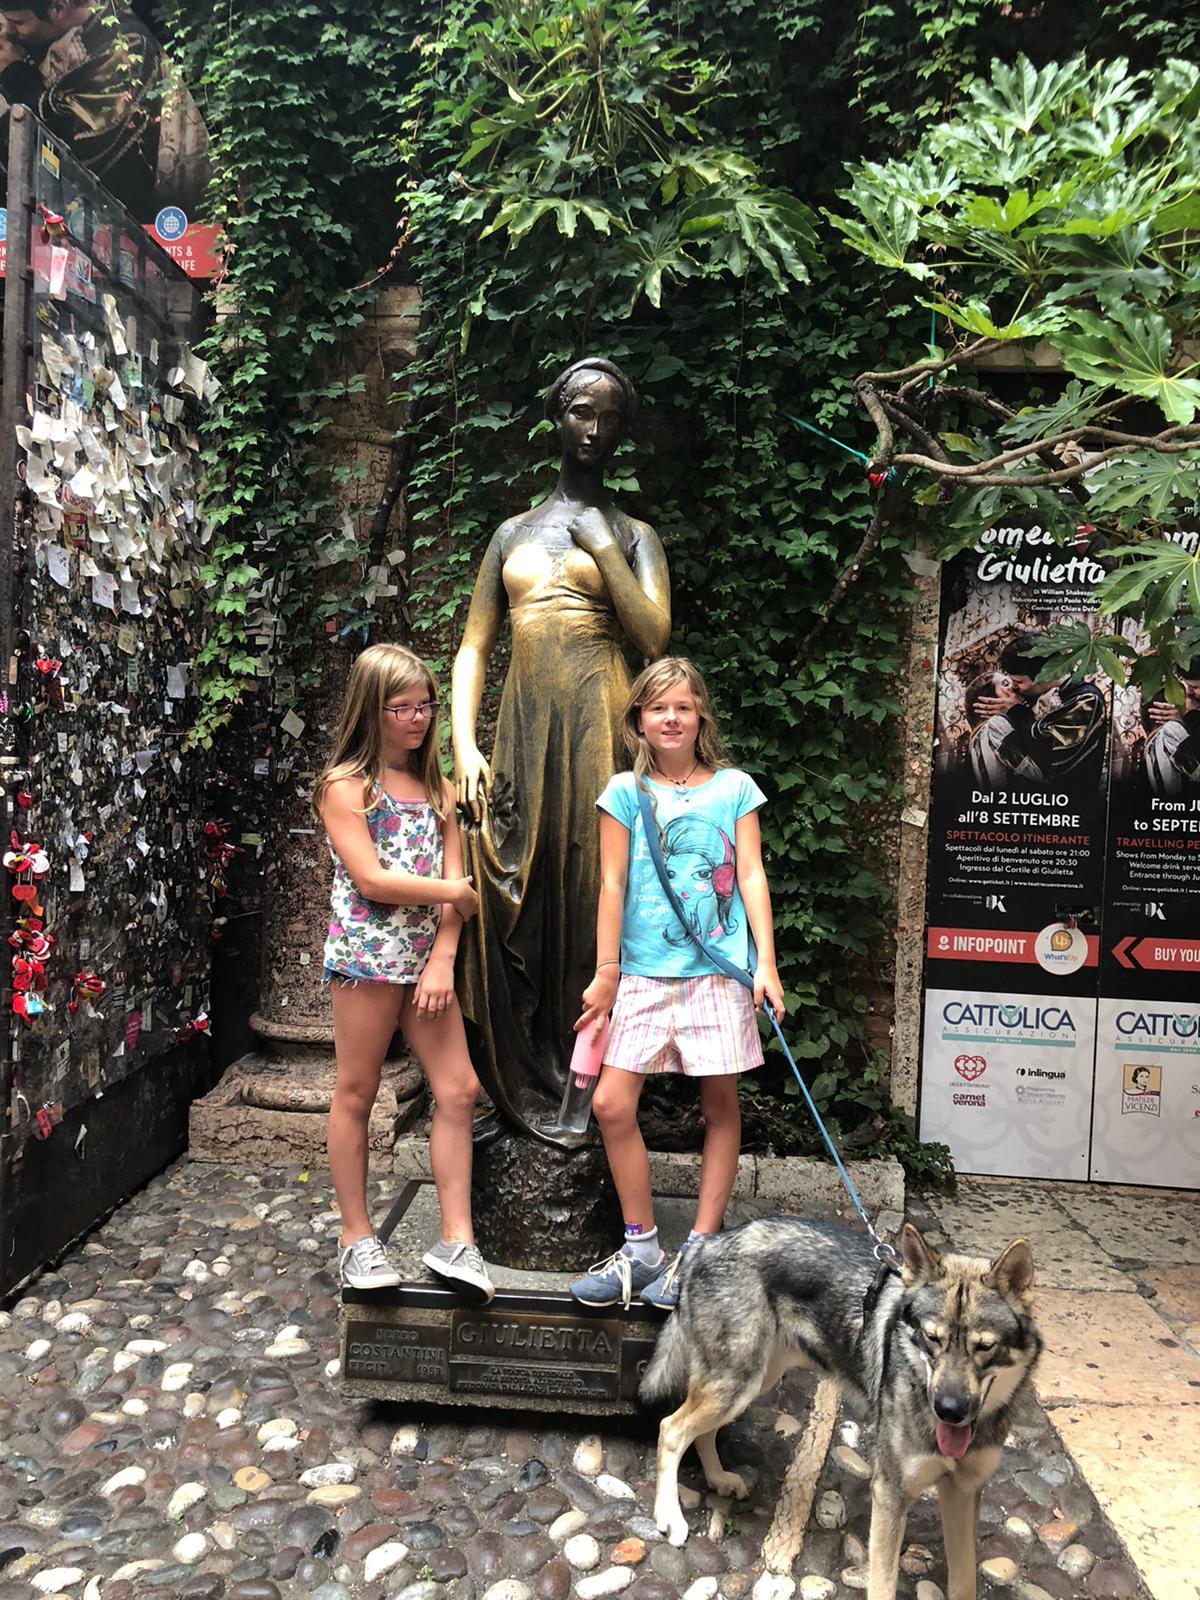 zwei Mädchen stehen vor Statue und Hund liegt an der Leine davor